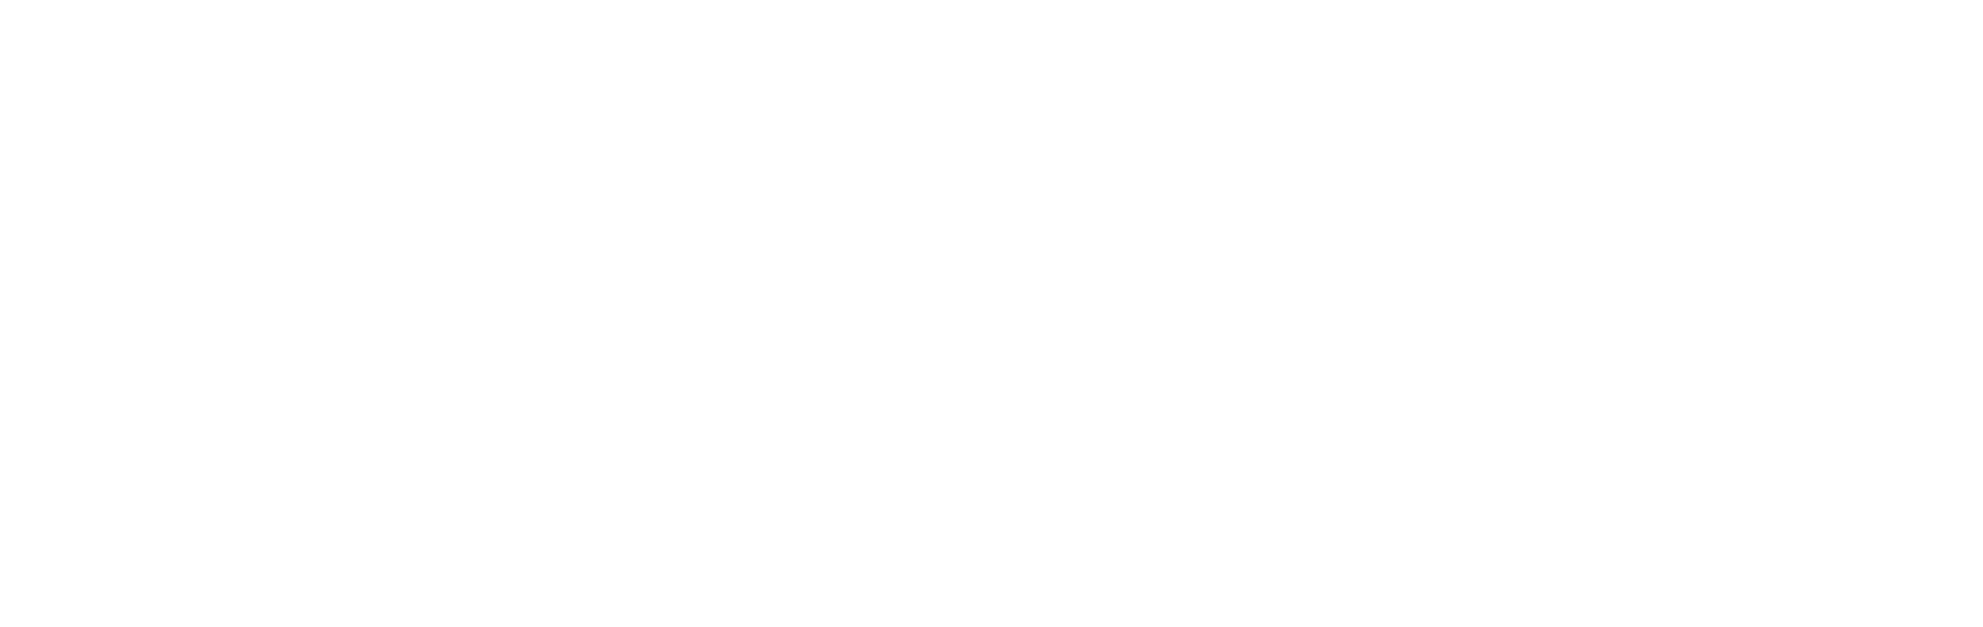 pclmongolia.com